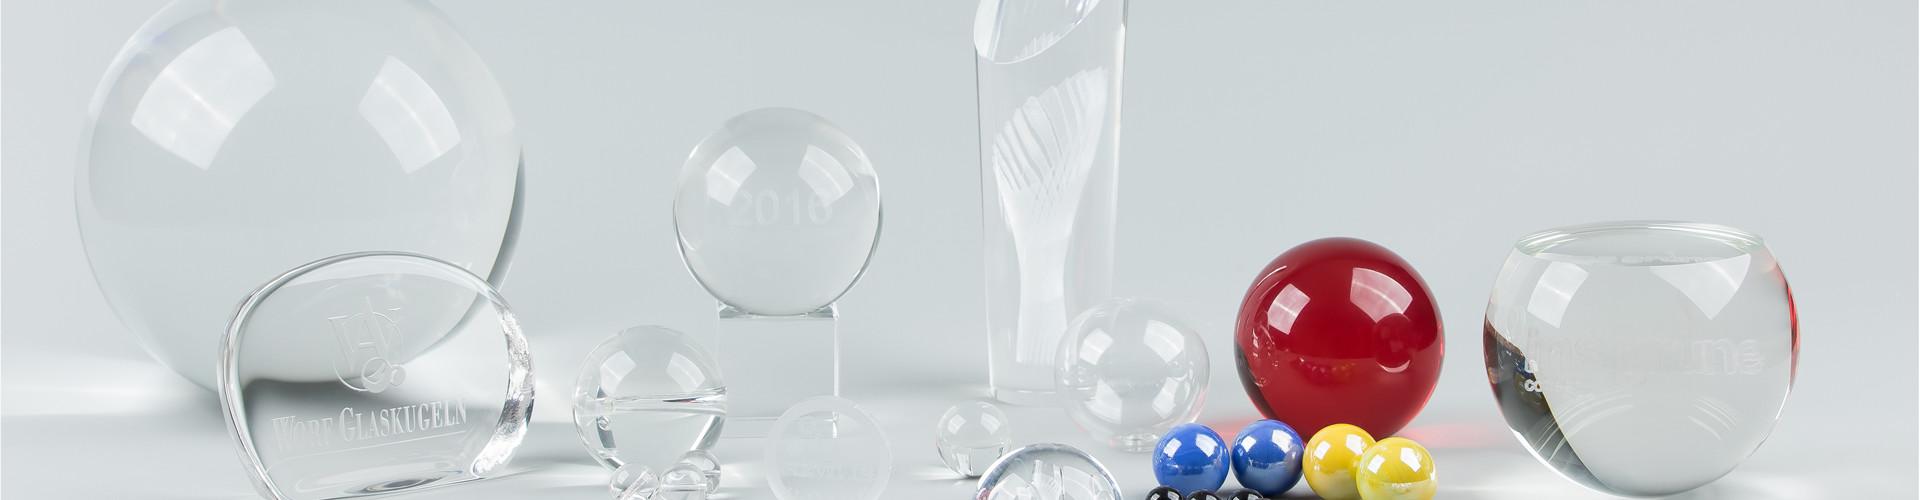 glaskugeln worf gmbh glaskugeln glasrohre glasprodukte. Black Bedroom Furniture Sets. Home Design Ideas